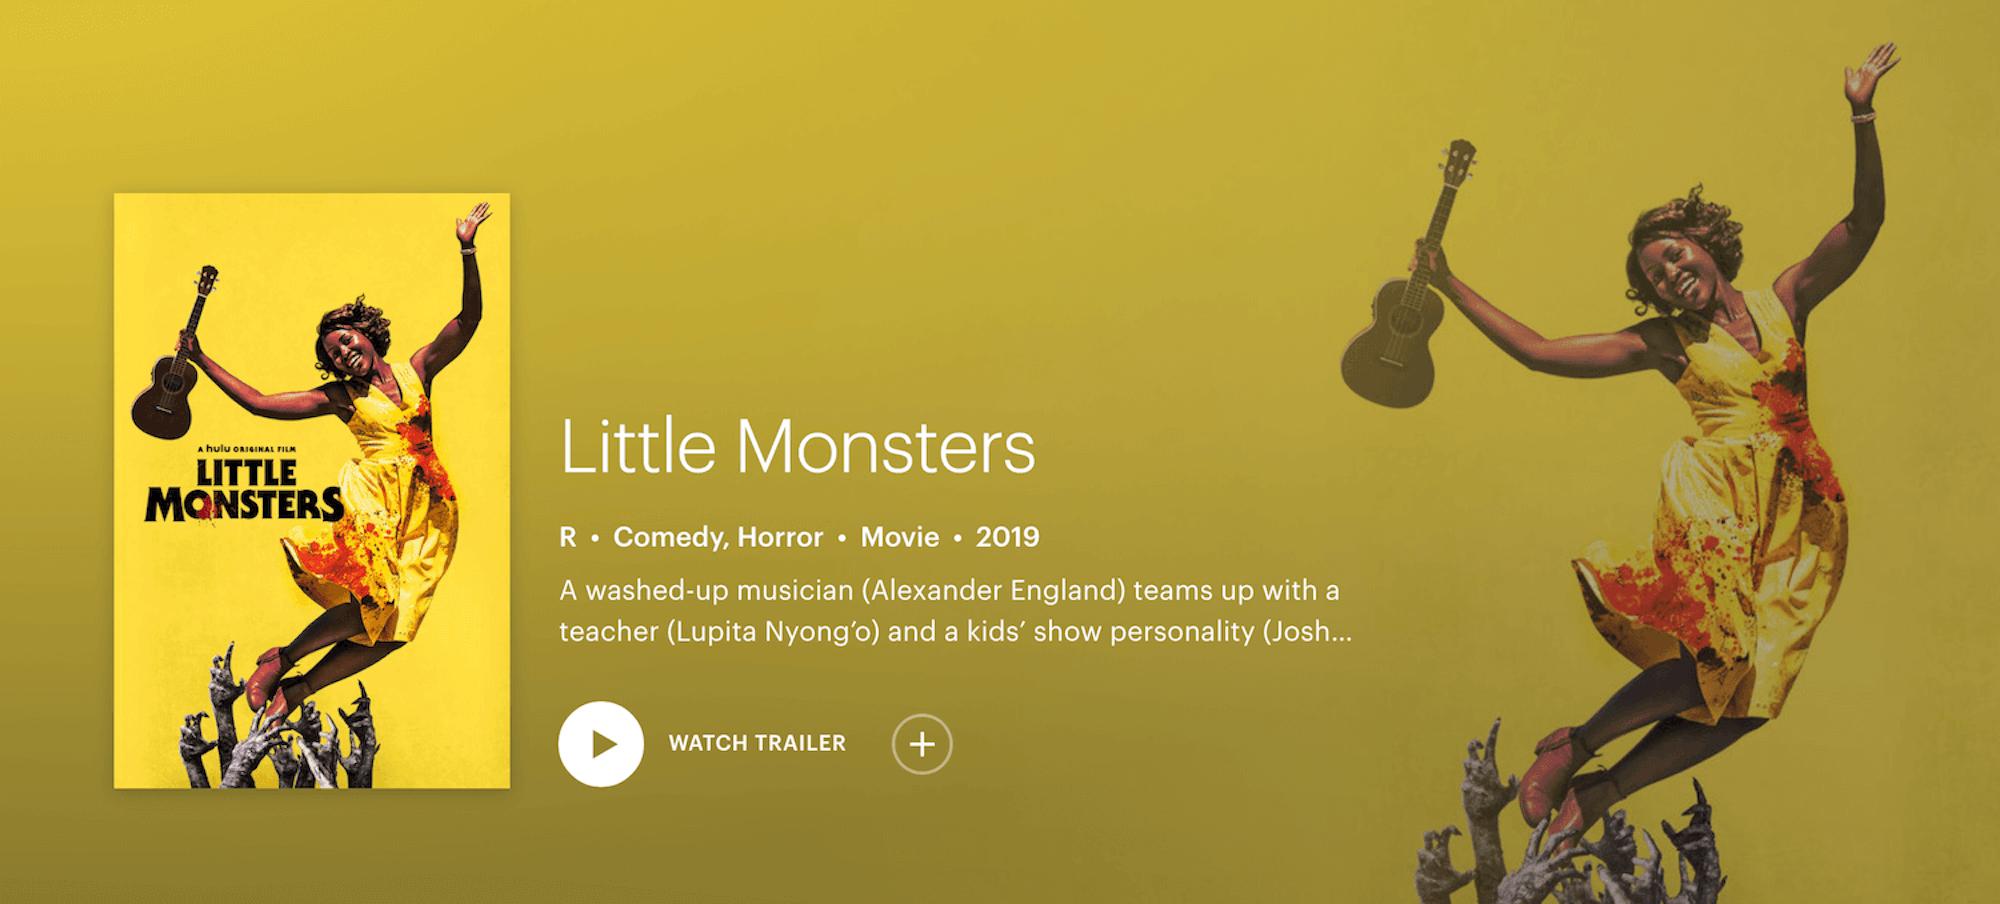 watch little Monsters on Hulu